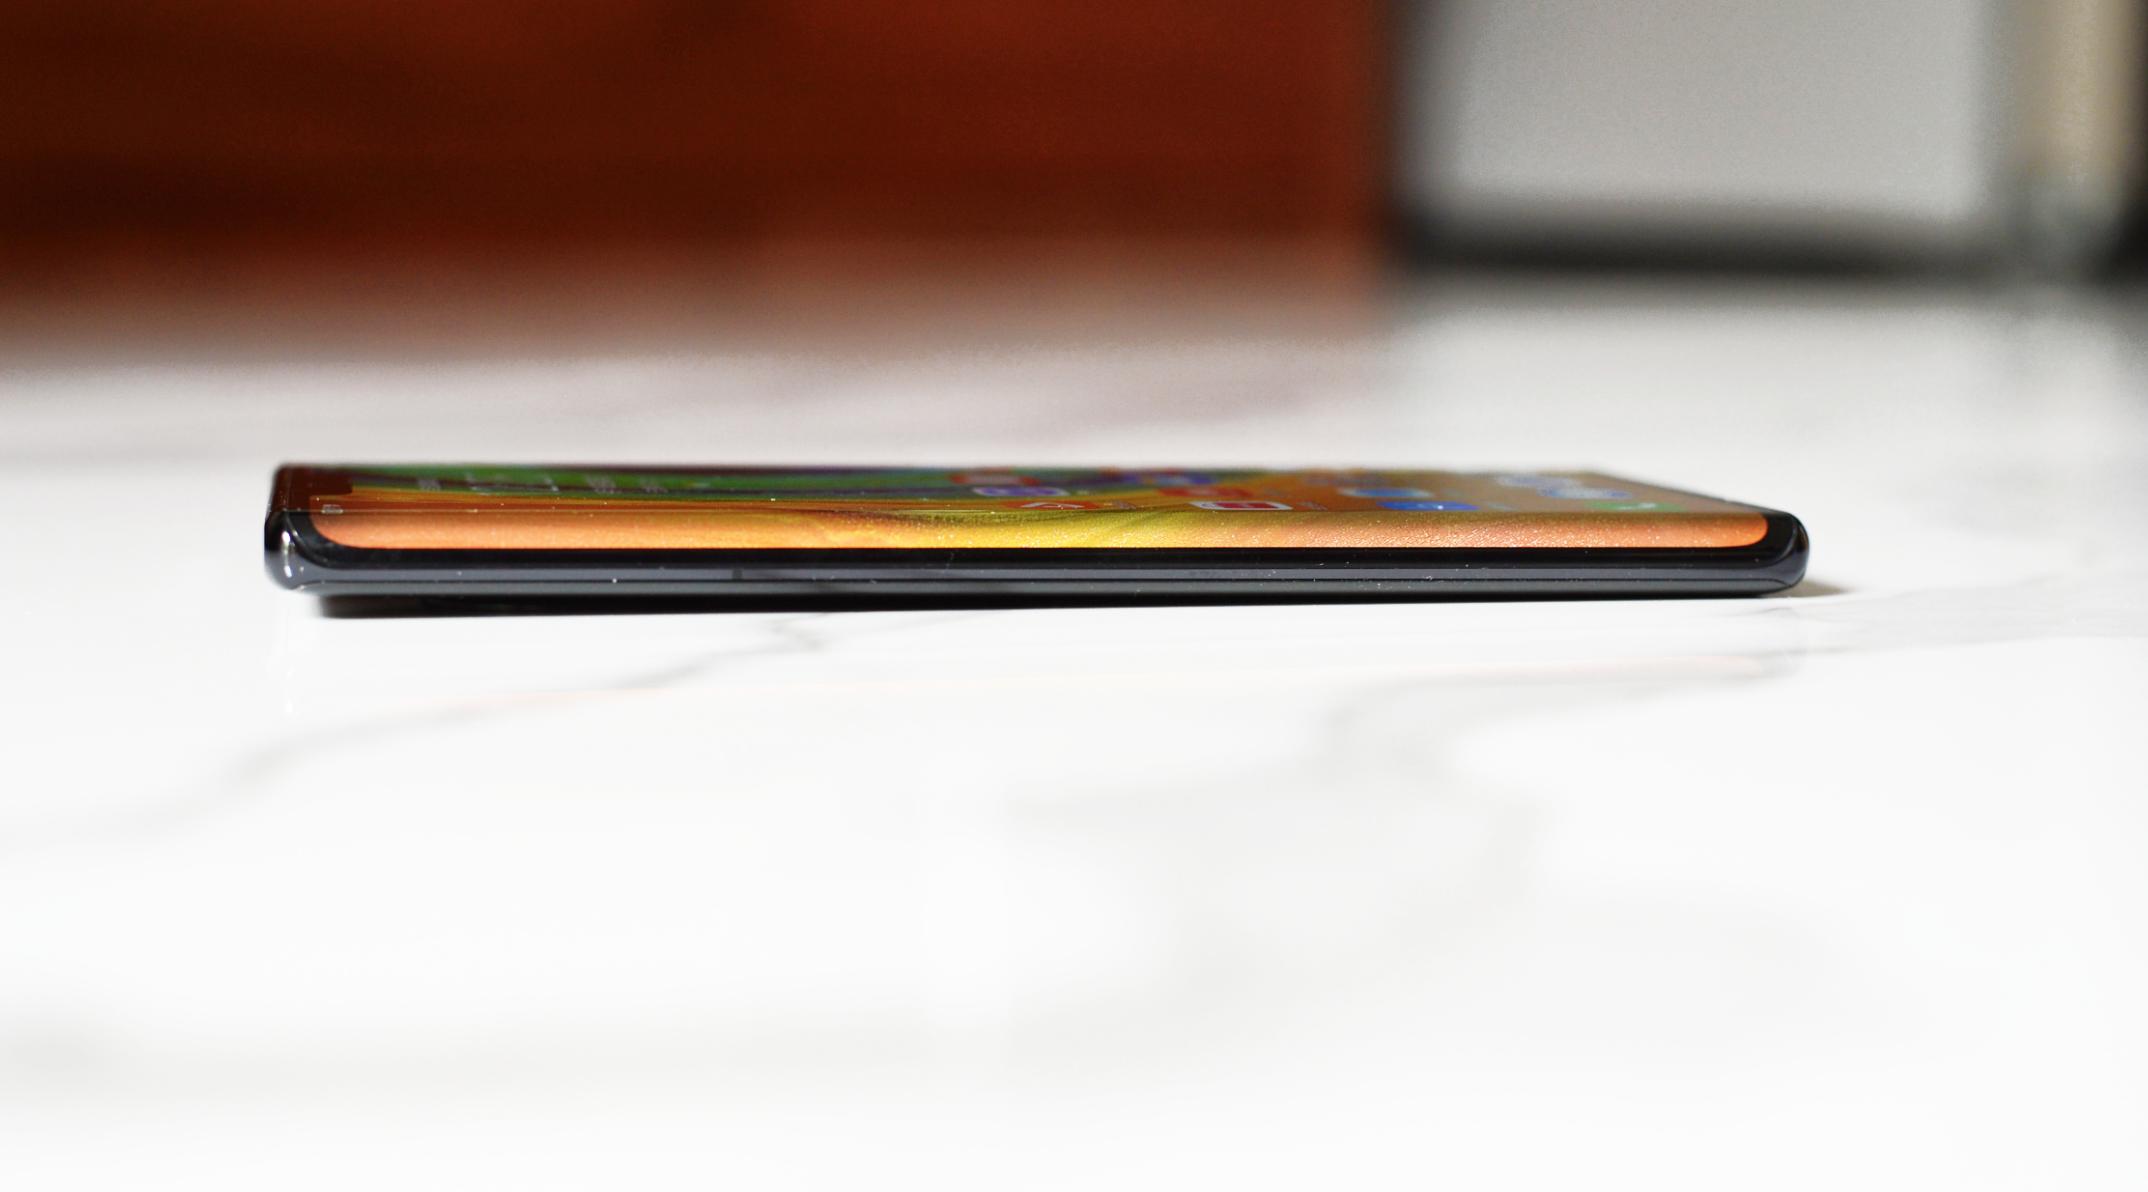 华为Mate30 Pro图赏:超曲面环幕屏,搭载麒麟990芯片的照片 - 5